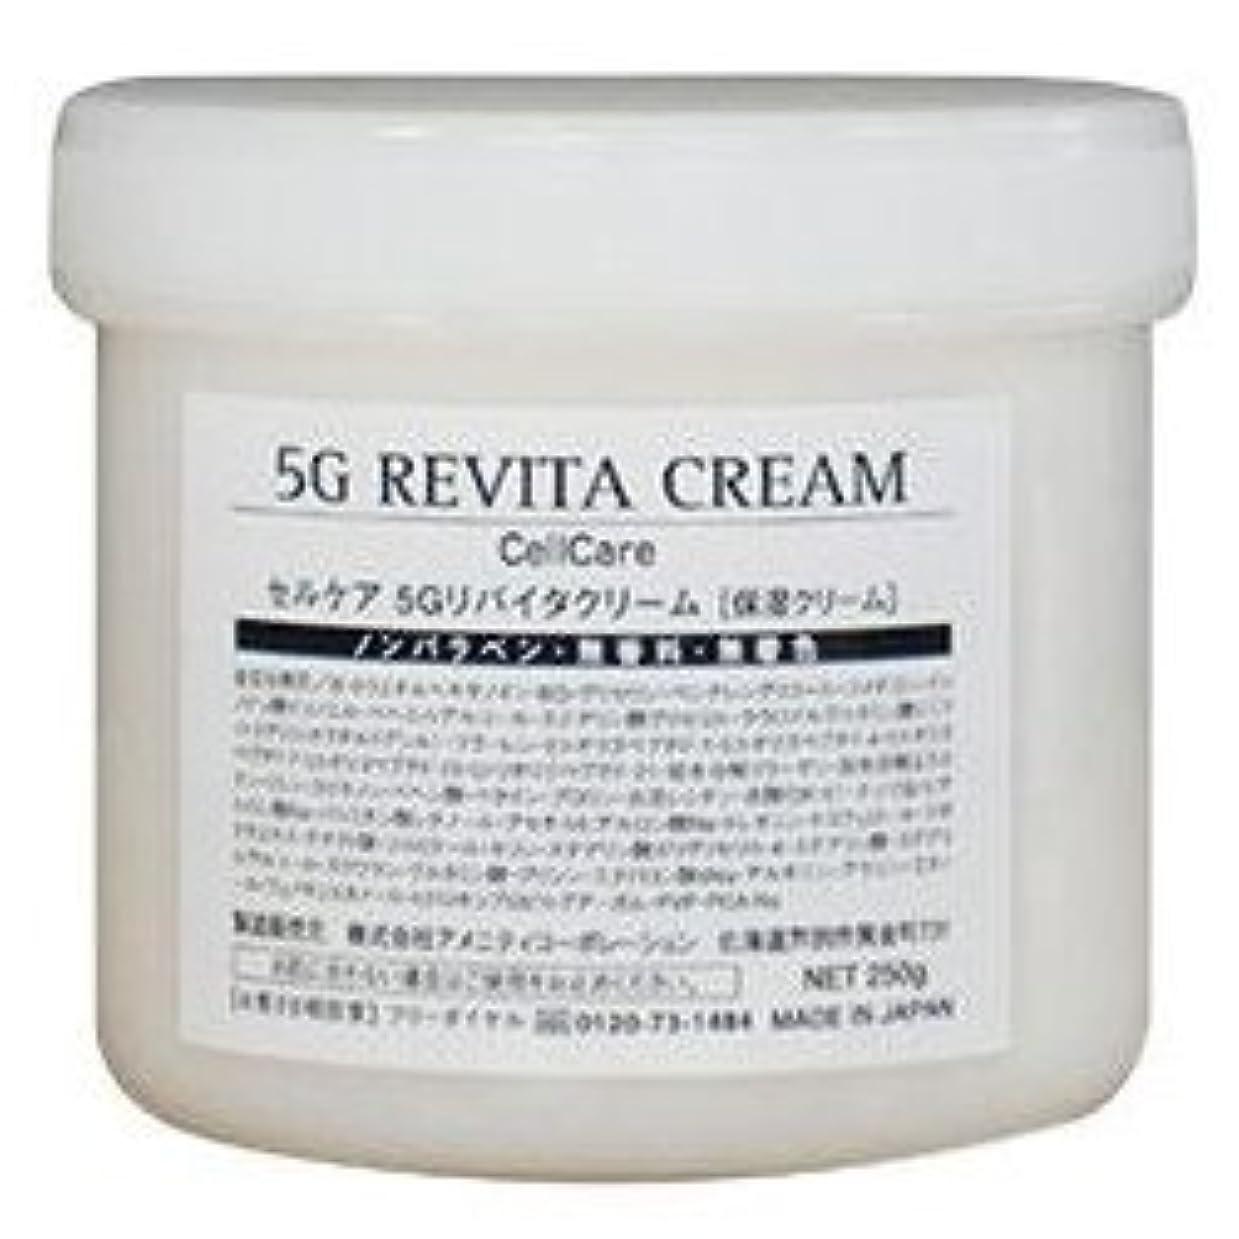 休憩する曲線免疫するセルケアGF プレミアム 5Gリバイタルクリーム 保湿クリーム お徳用250g